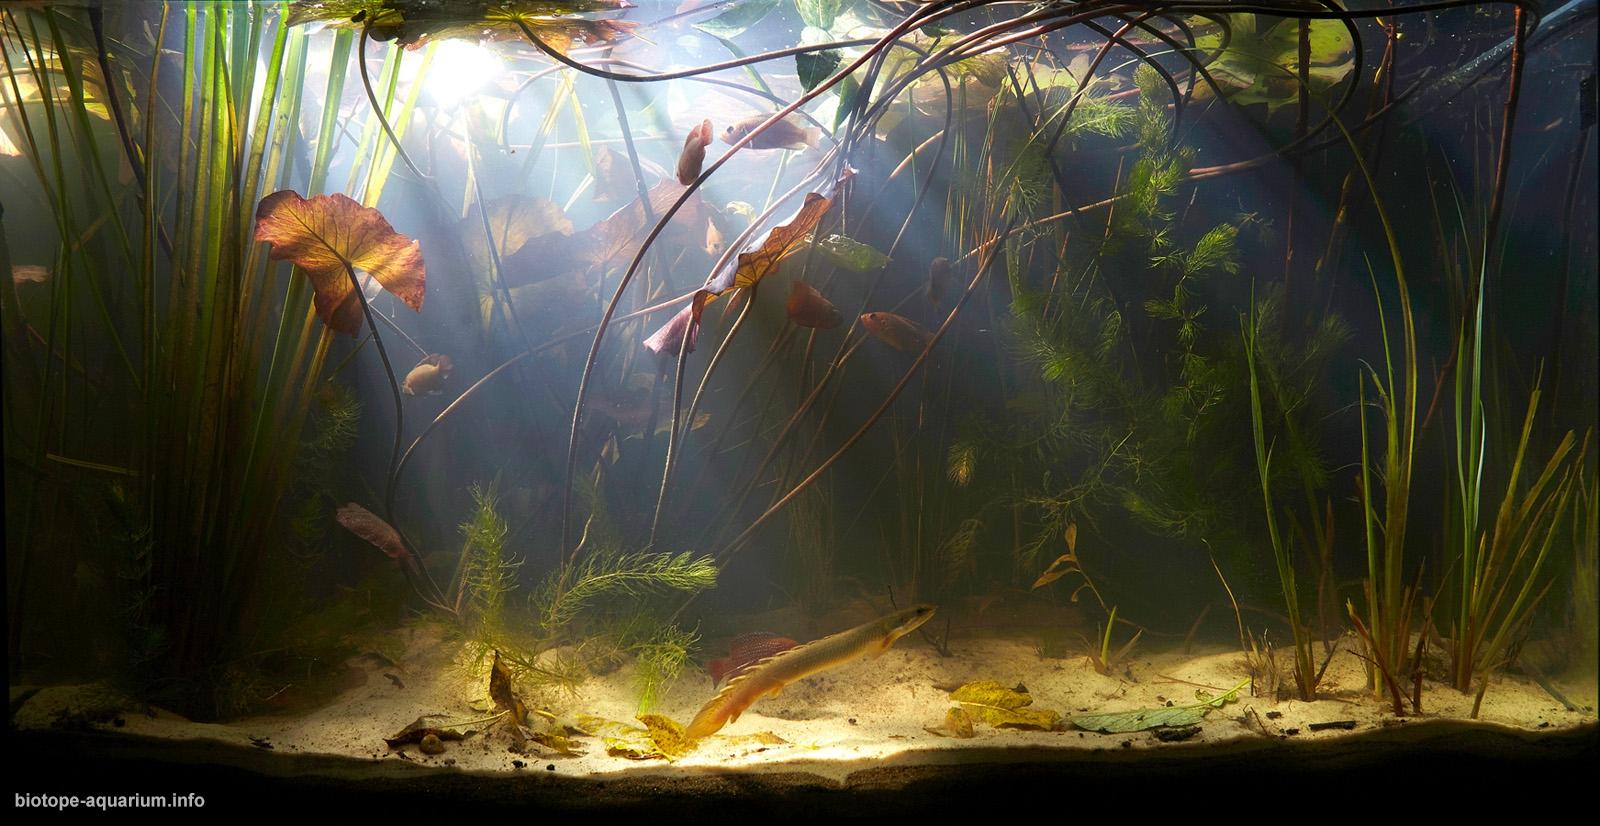 002_2013_biotope_aquarium_a_1_1